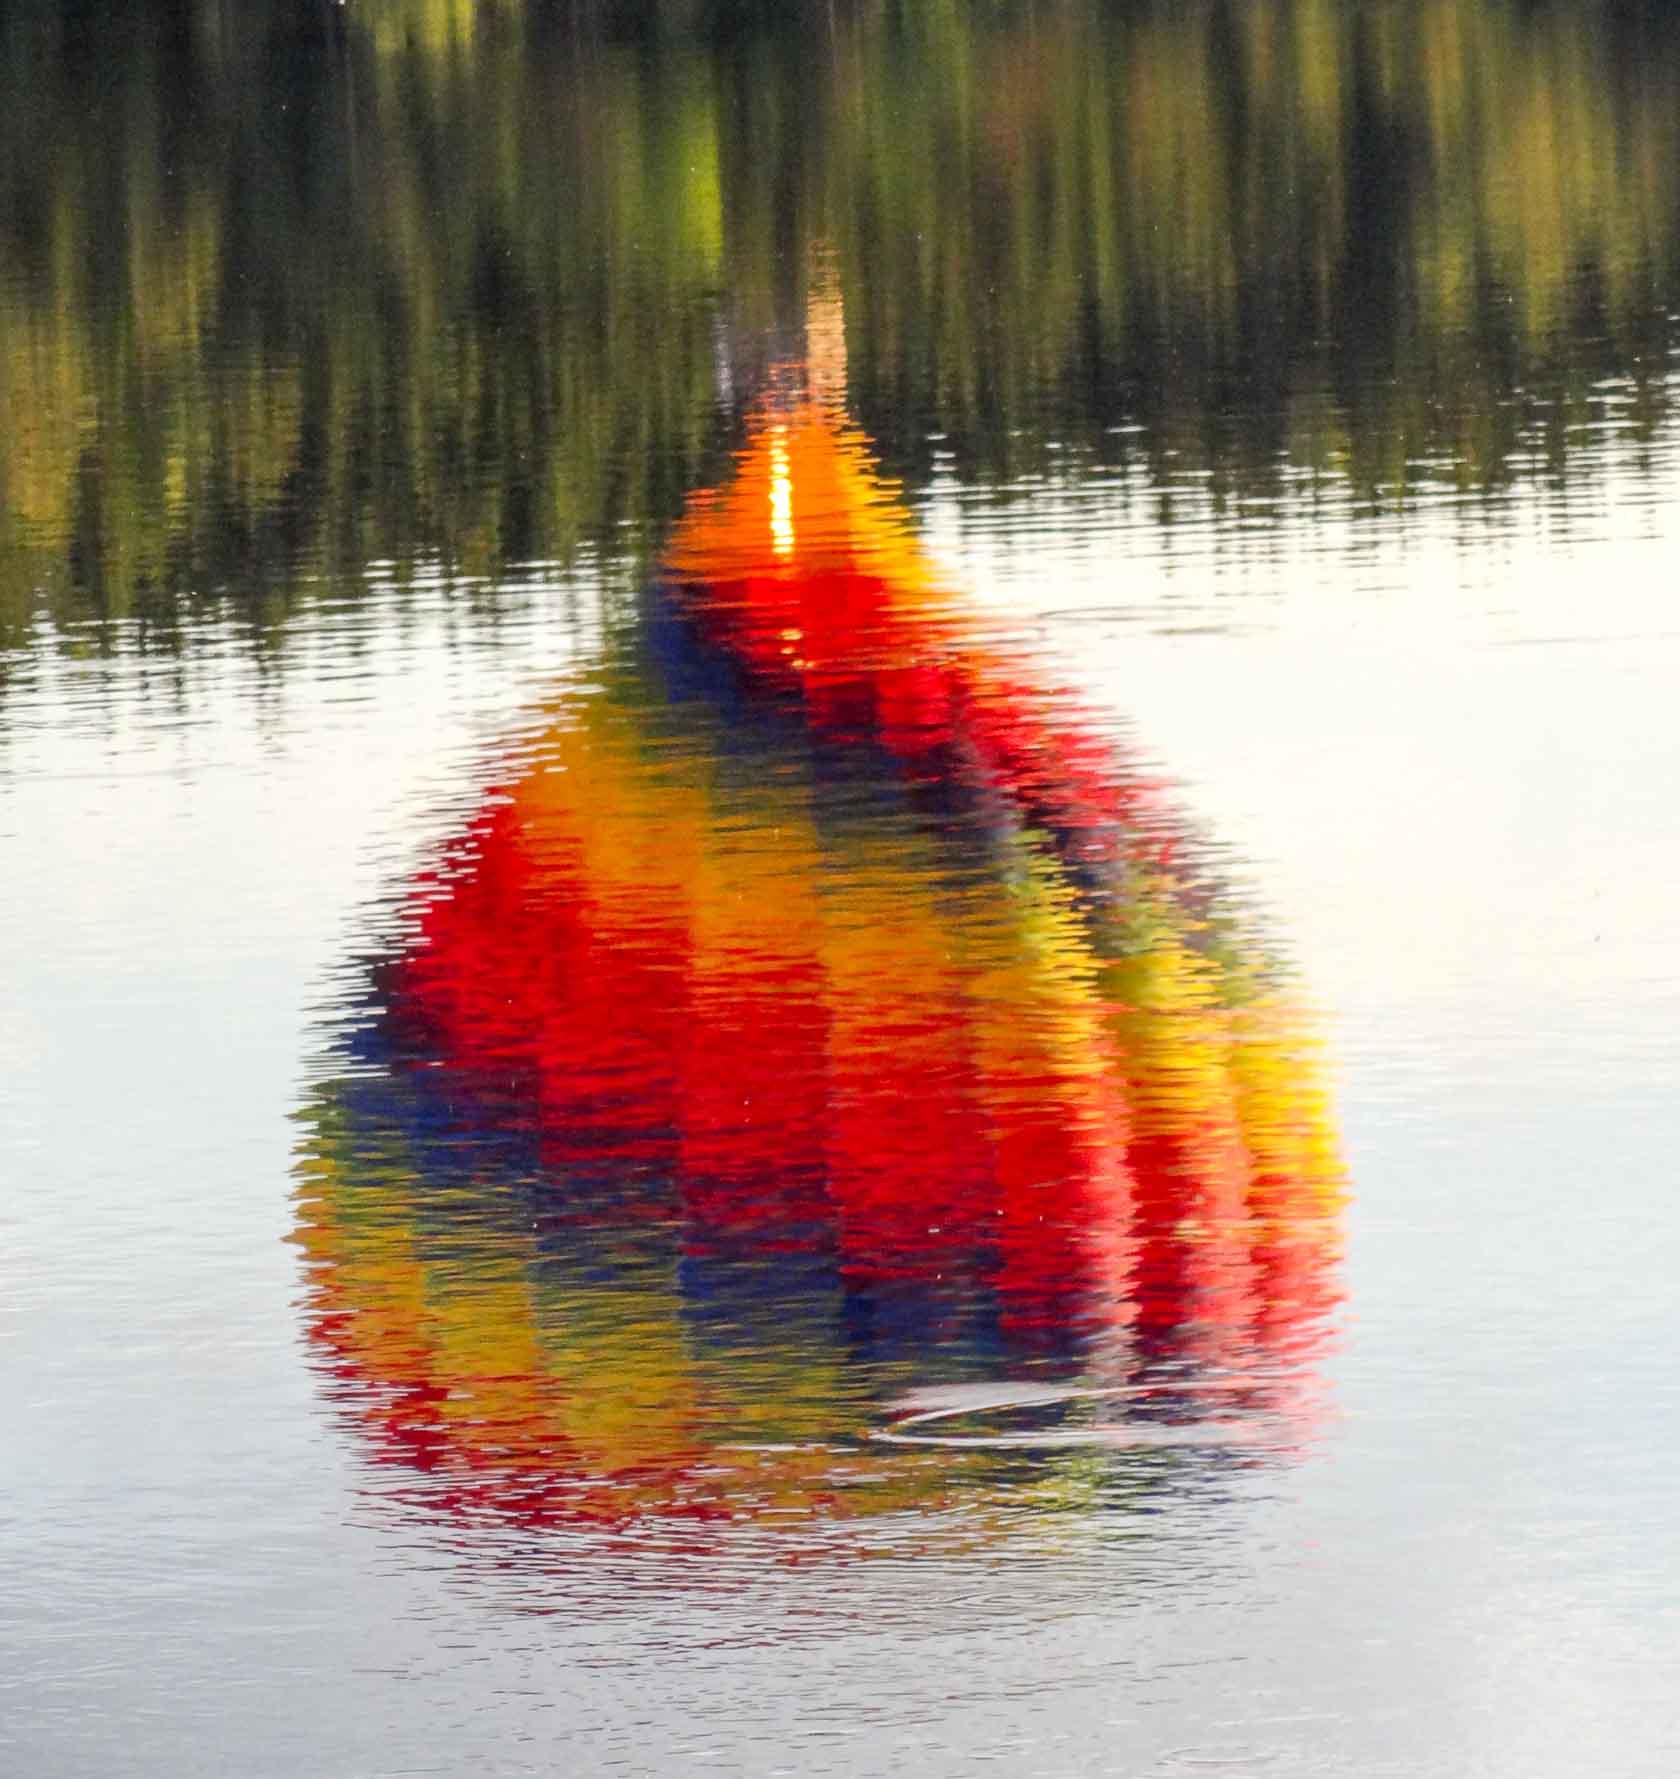 Flyg-ballong-096